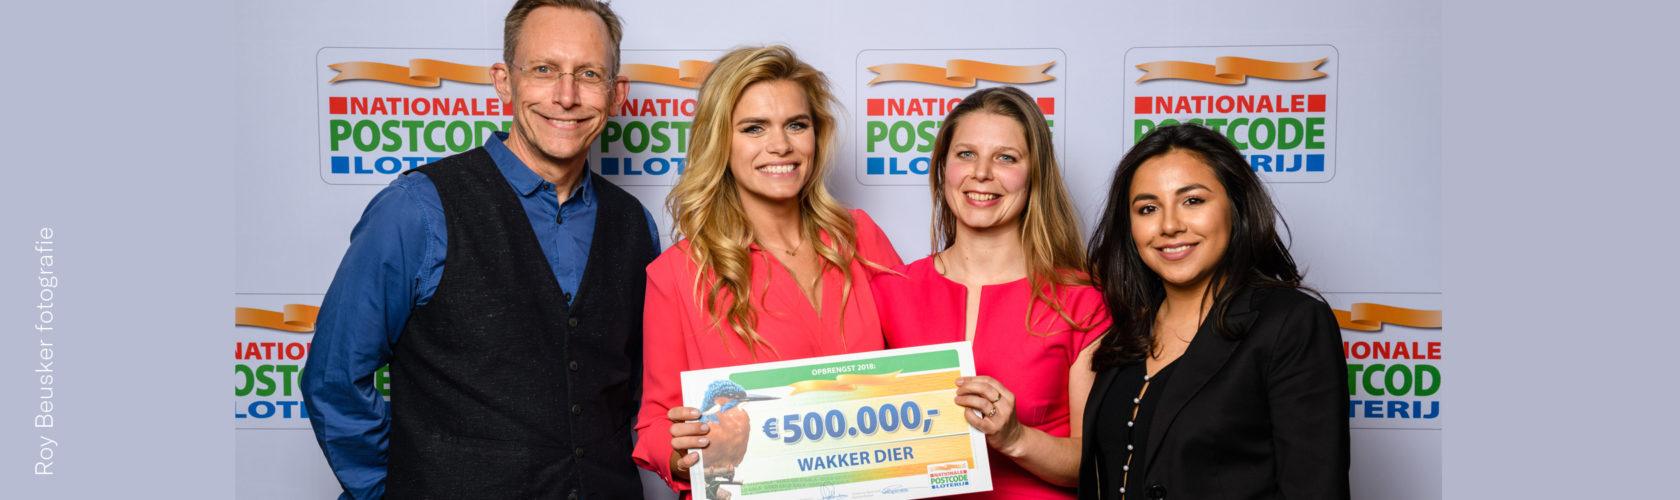 Beeld: uitreiking cheque aan Wakker Dier door Nationale Postcode Loterij